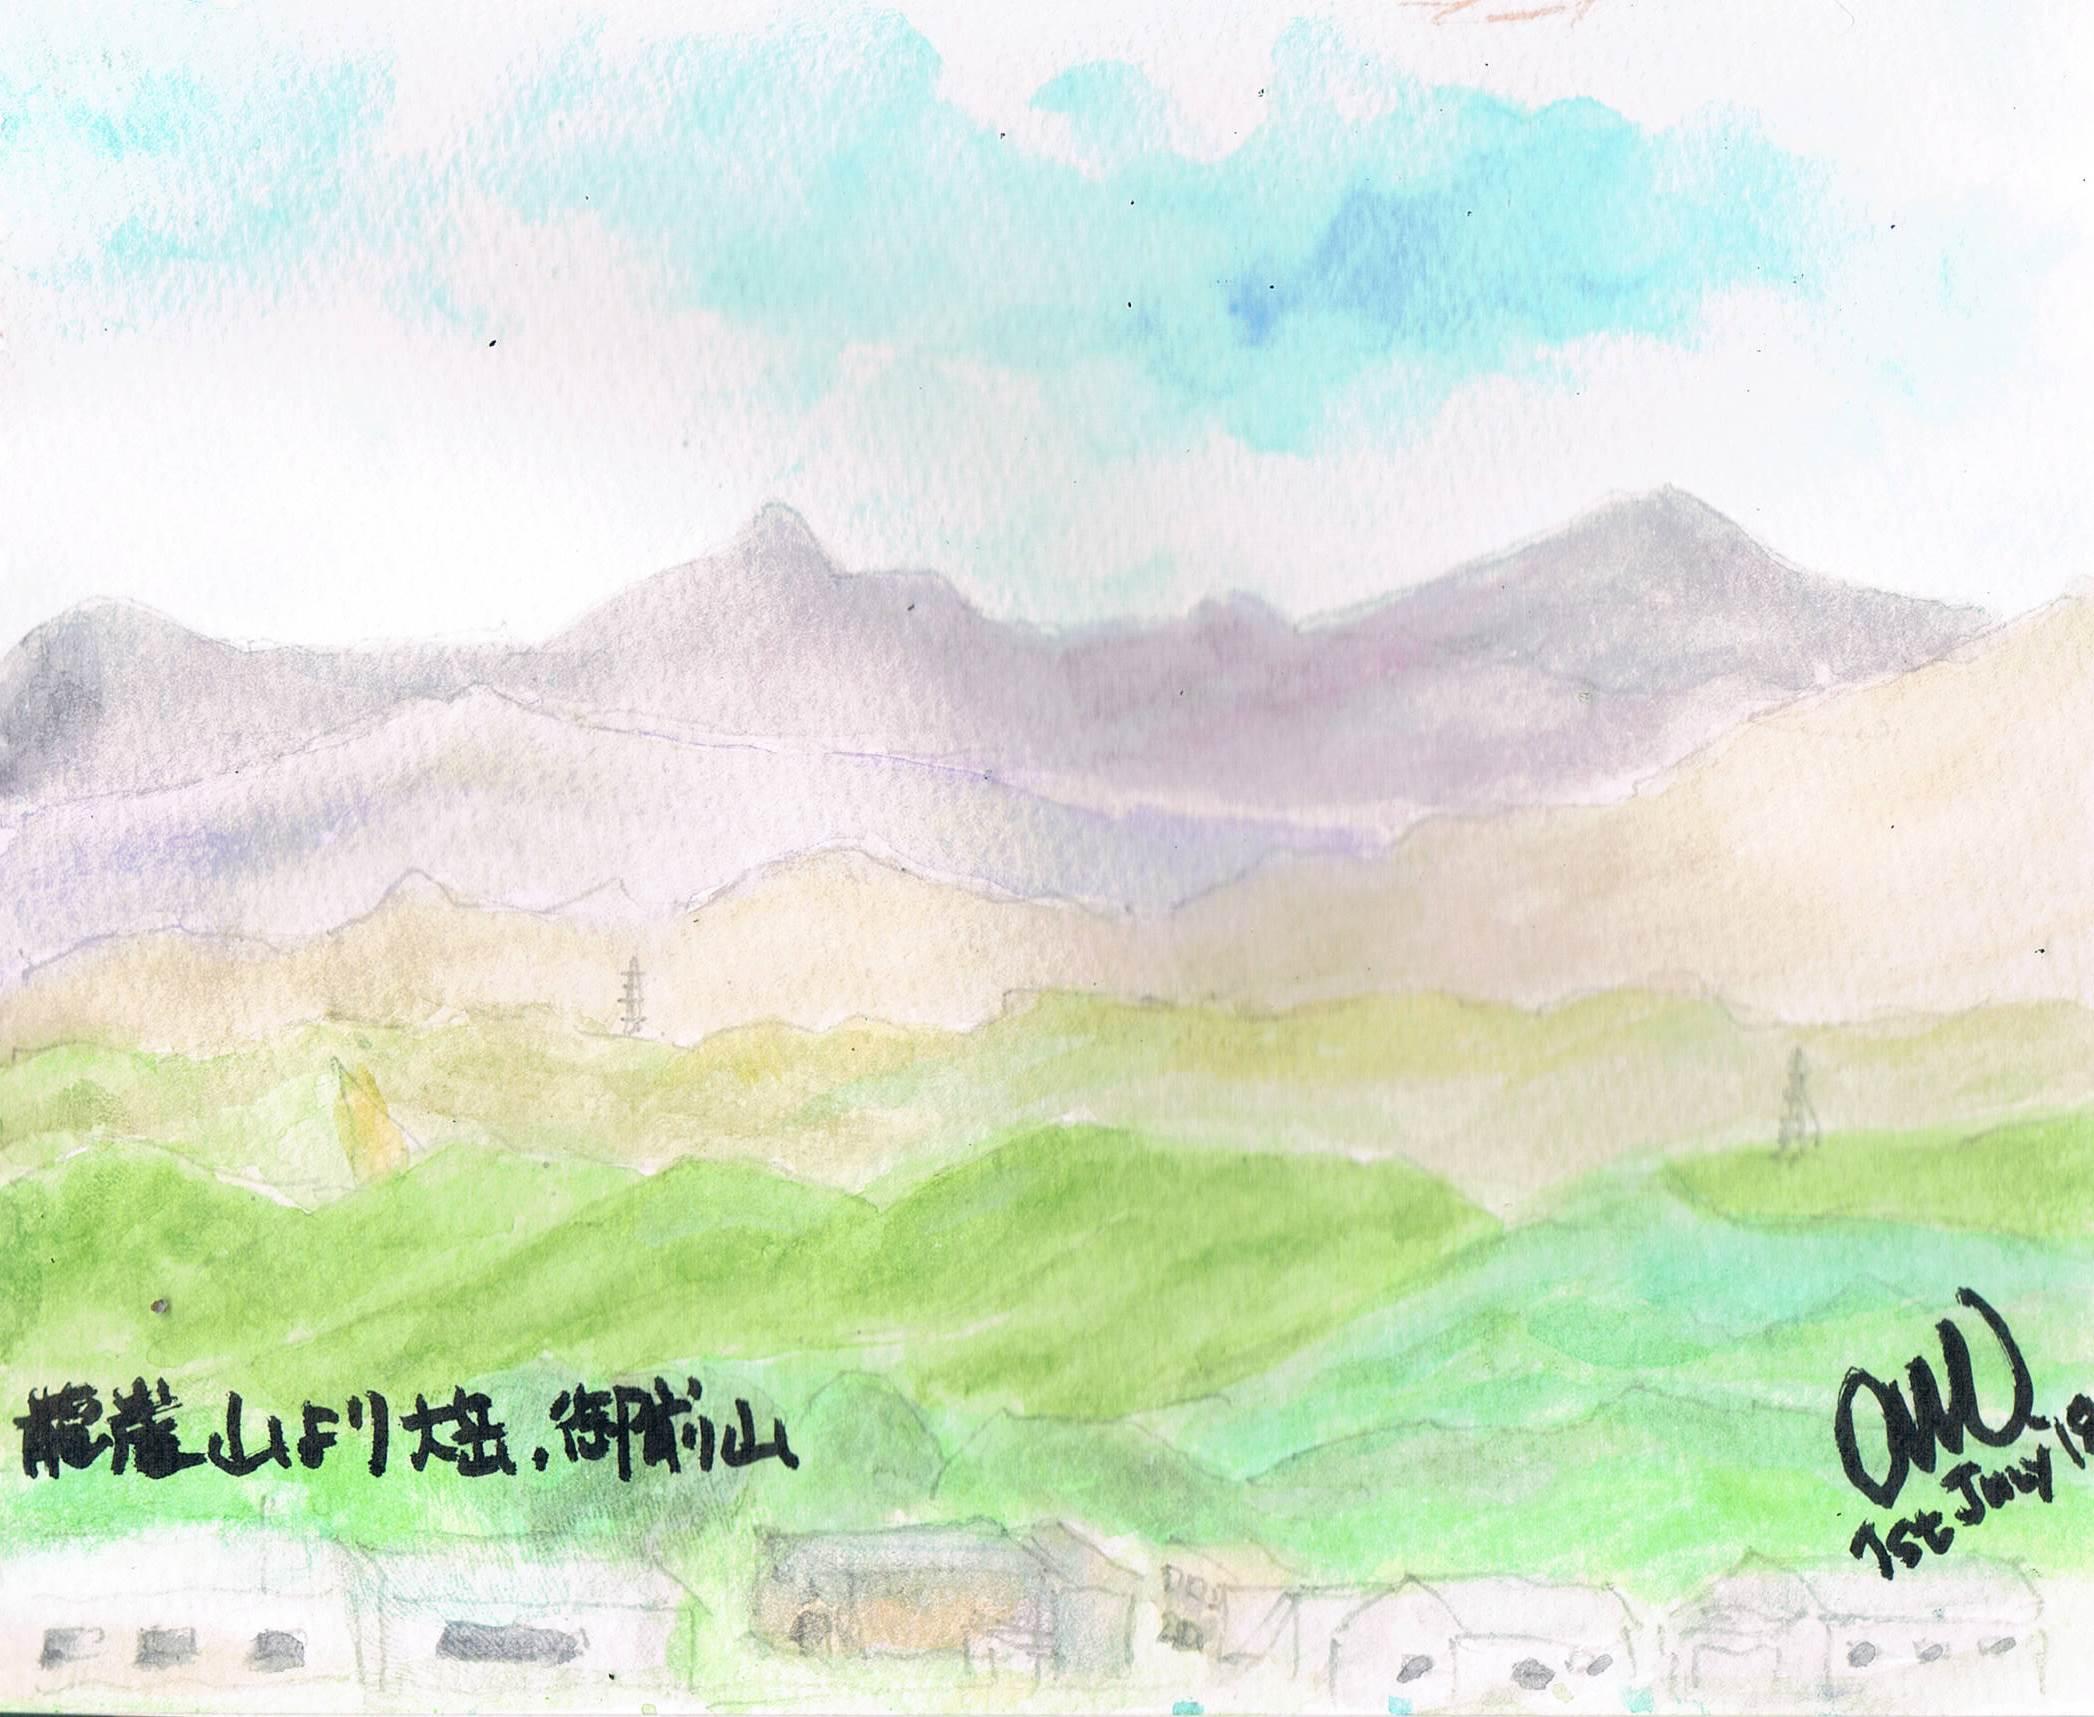 龍崖山からの眺望_e0232277_11544172.jpg